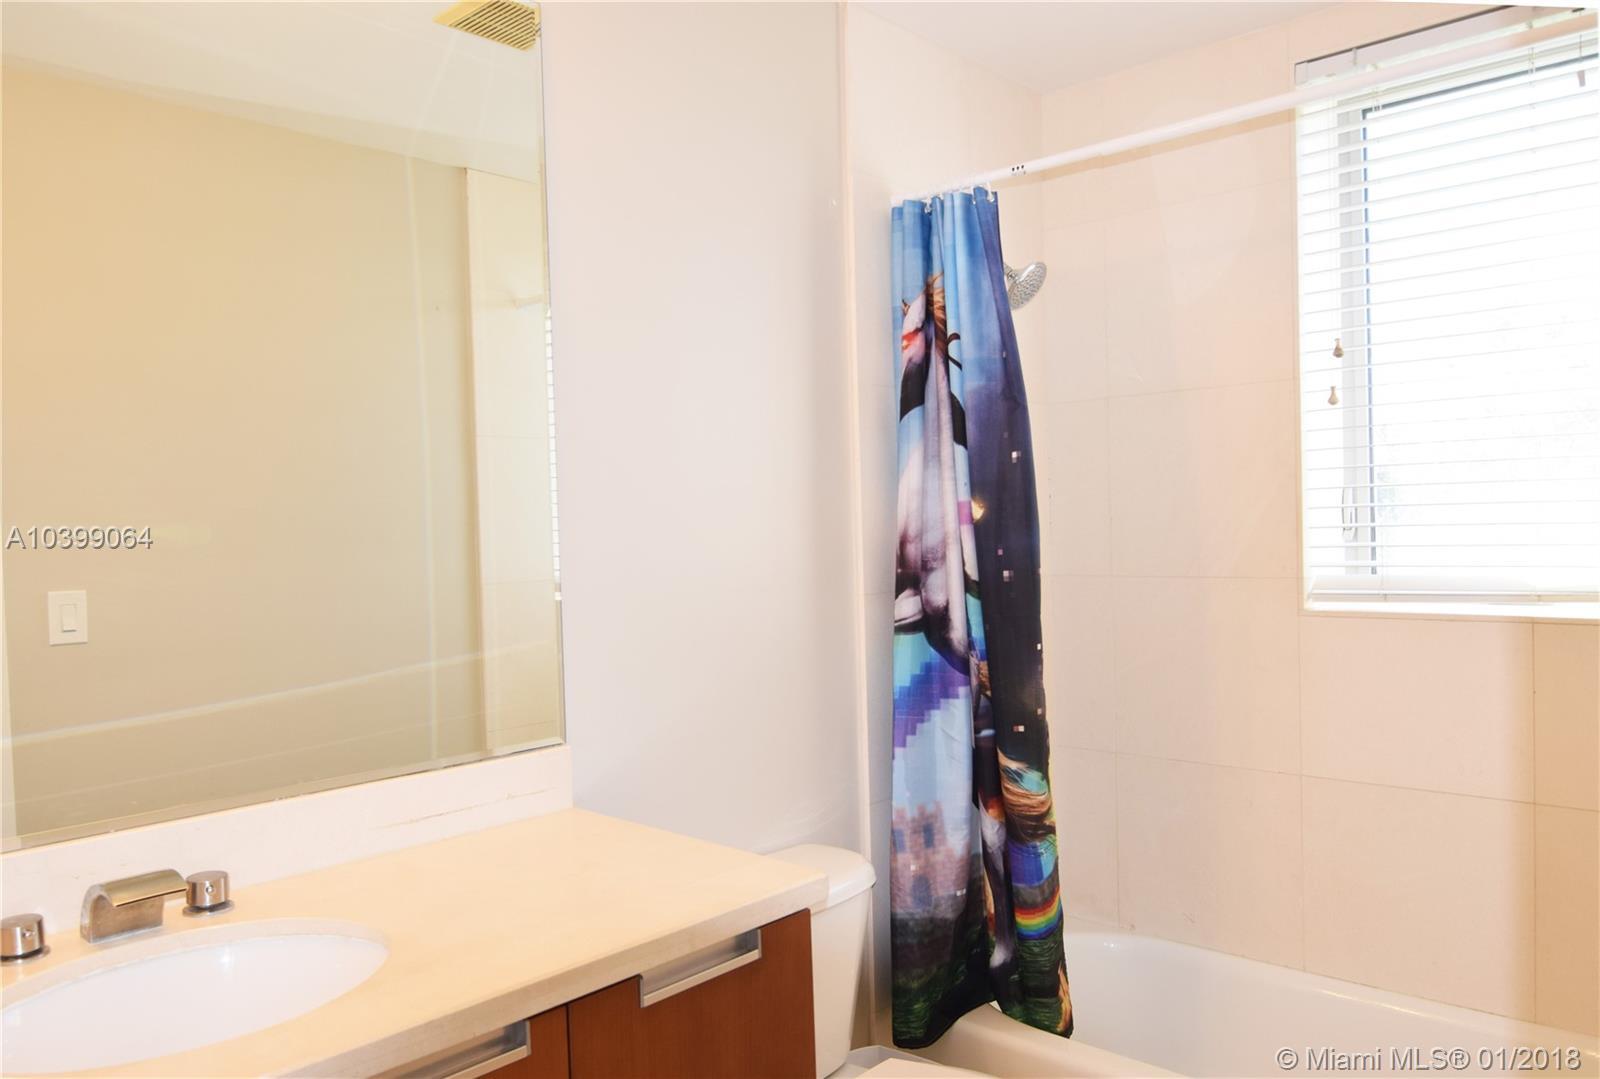 163 N SHORE # 163-5, Miami Beach , FL 33141